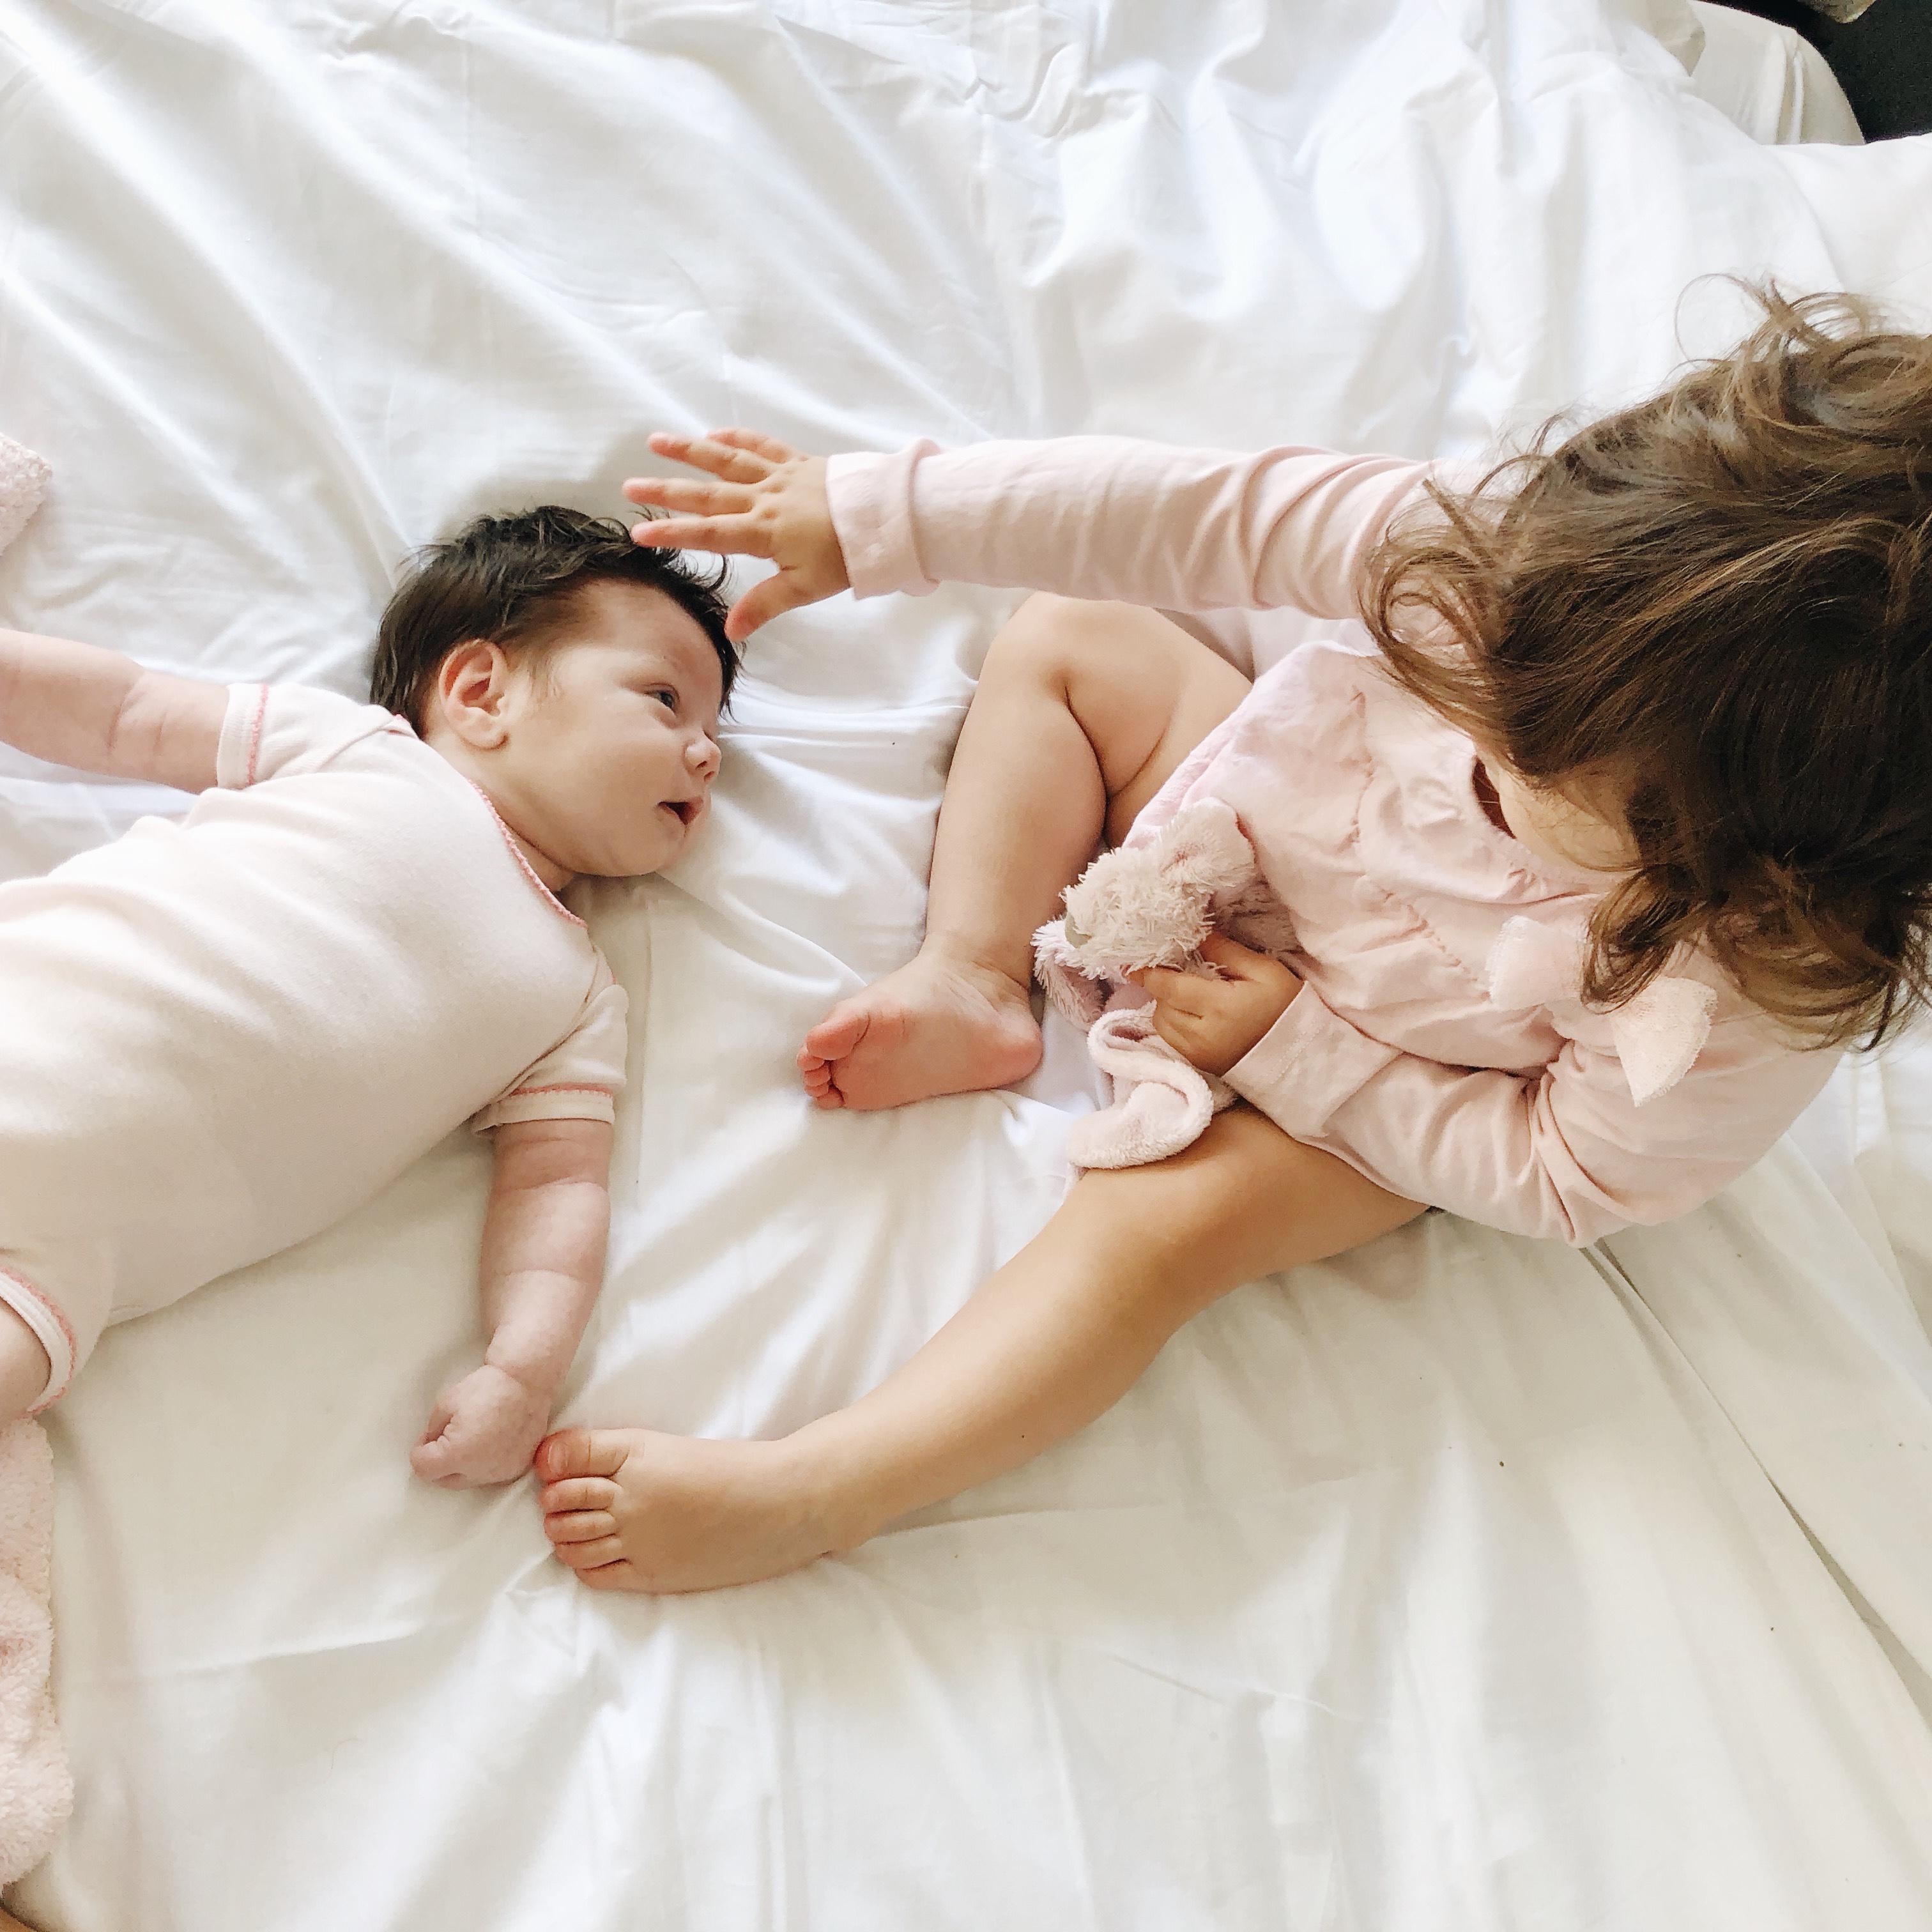 De overgang van 1 naar 2 kinderen: hoe gaat het?